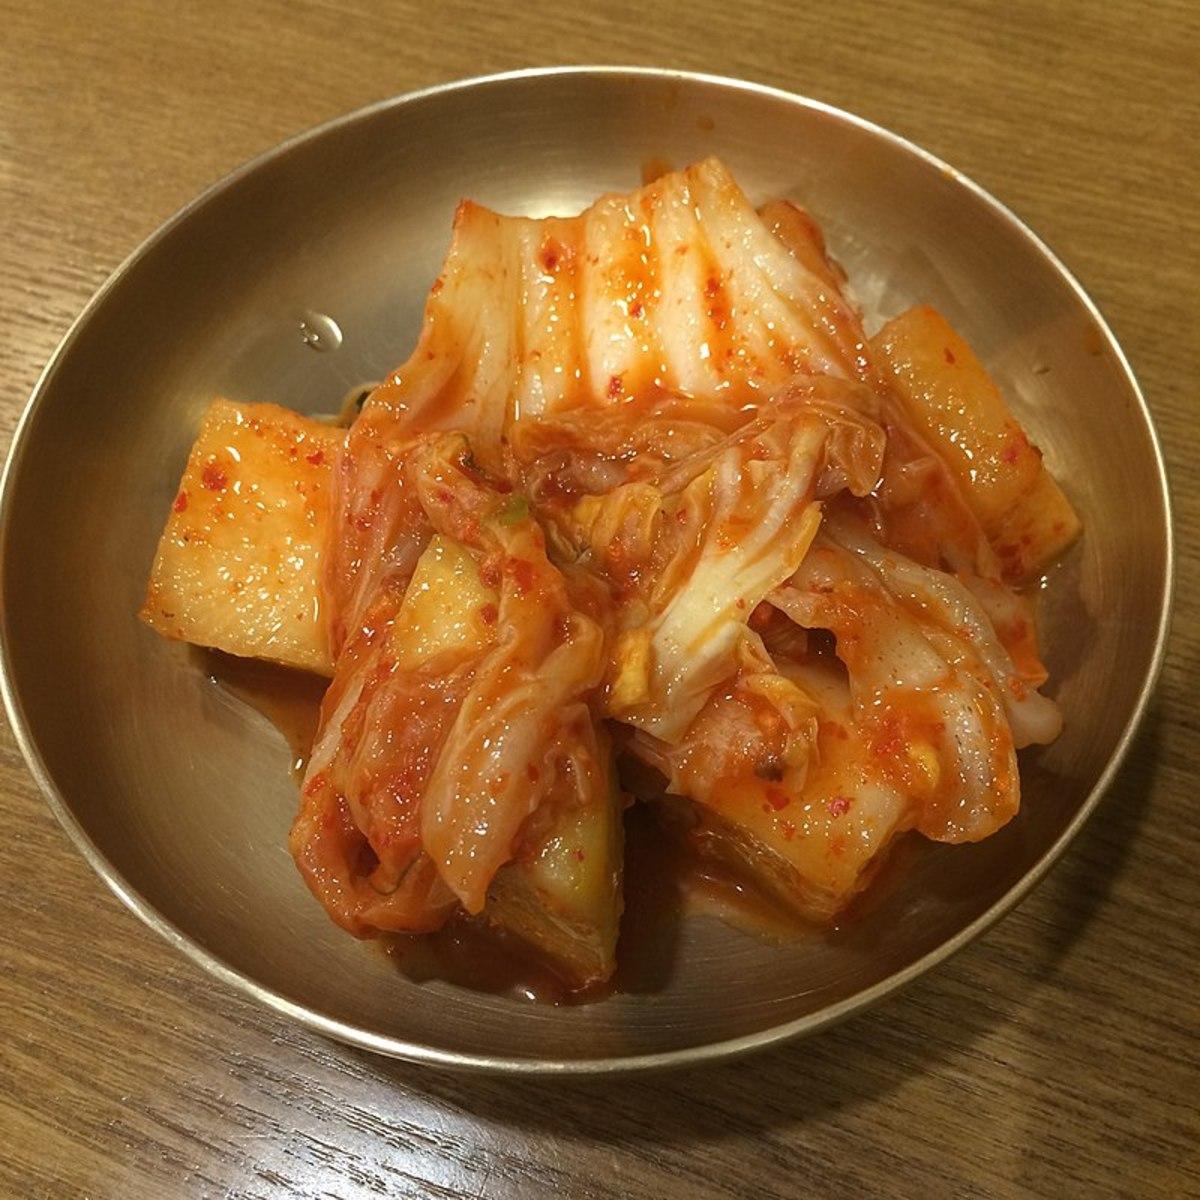 Korean kimchi made with napa cabbage.